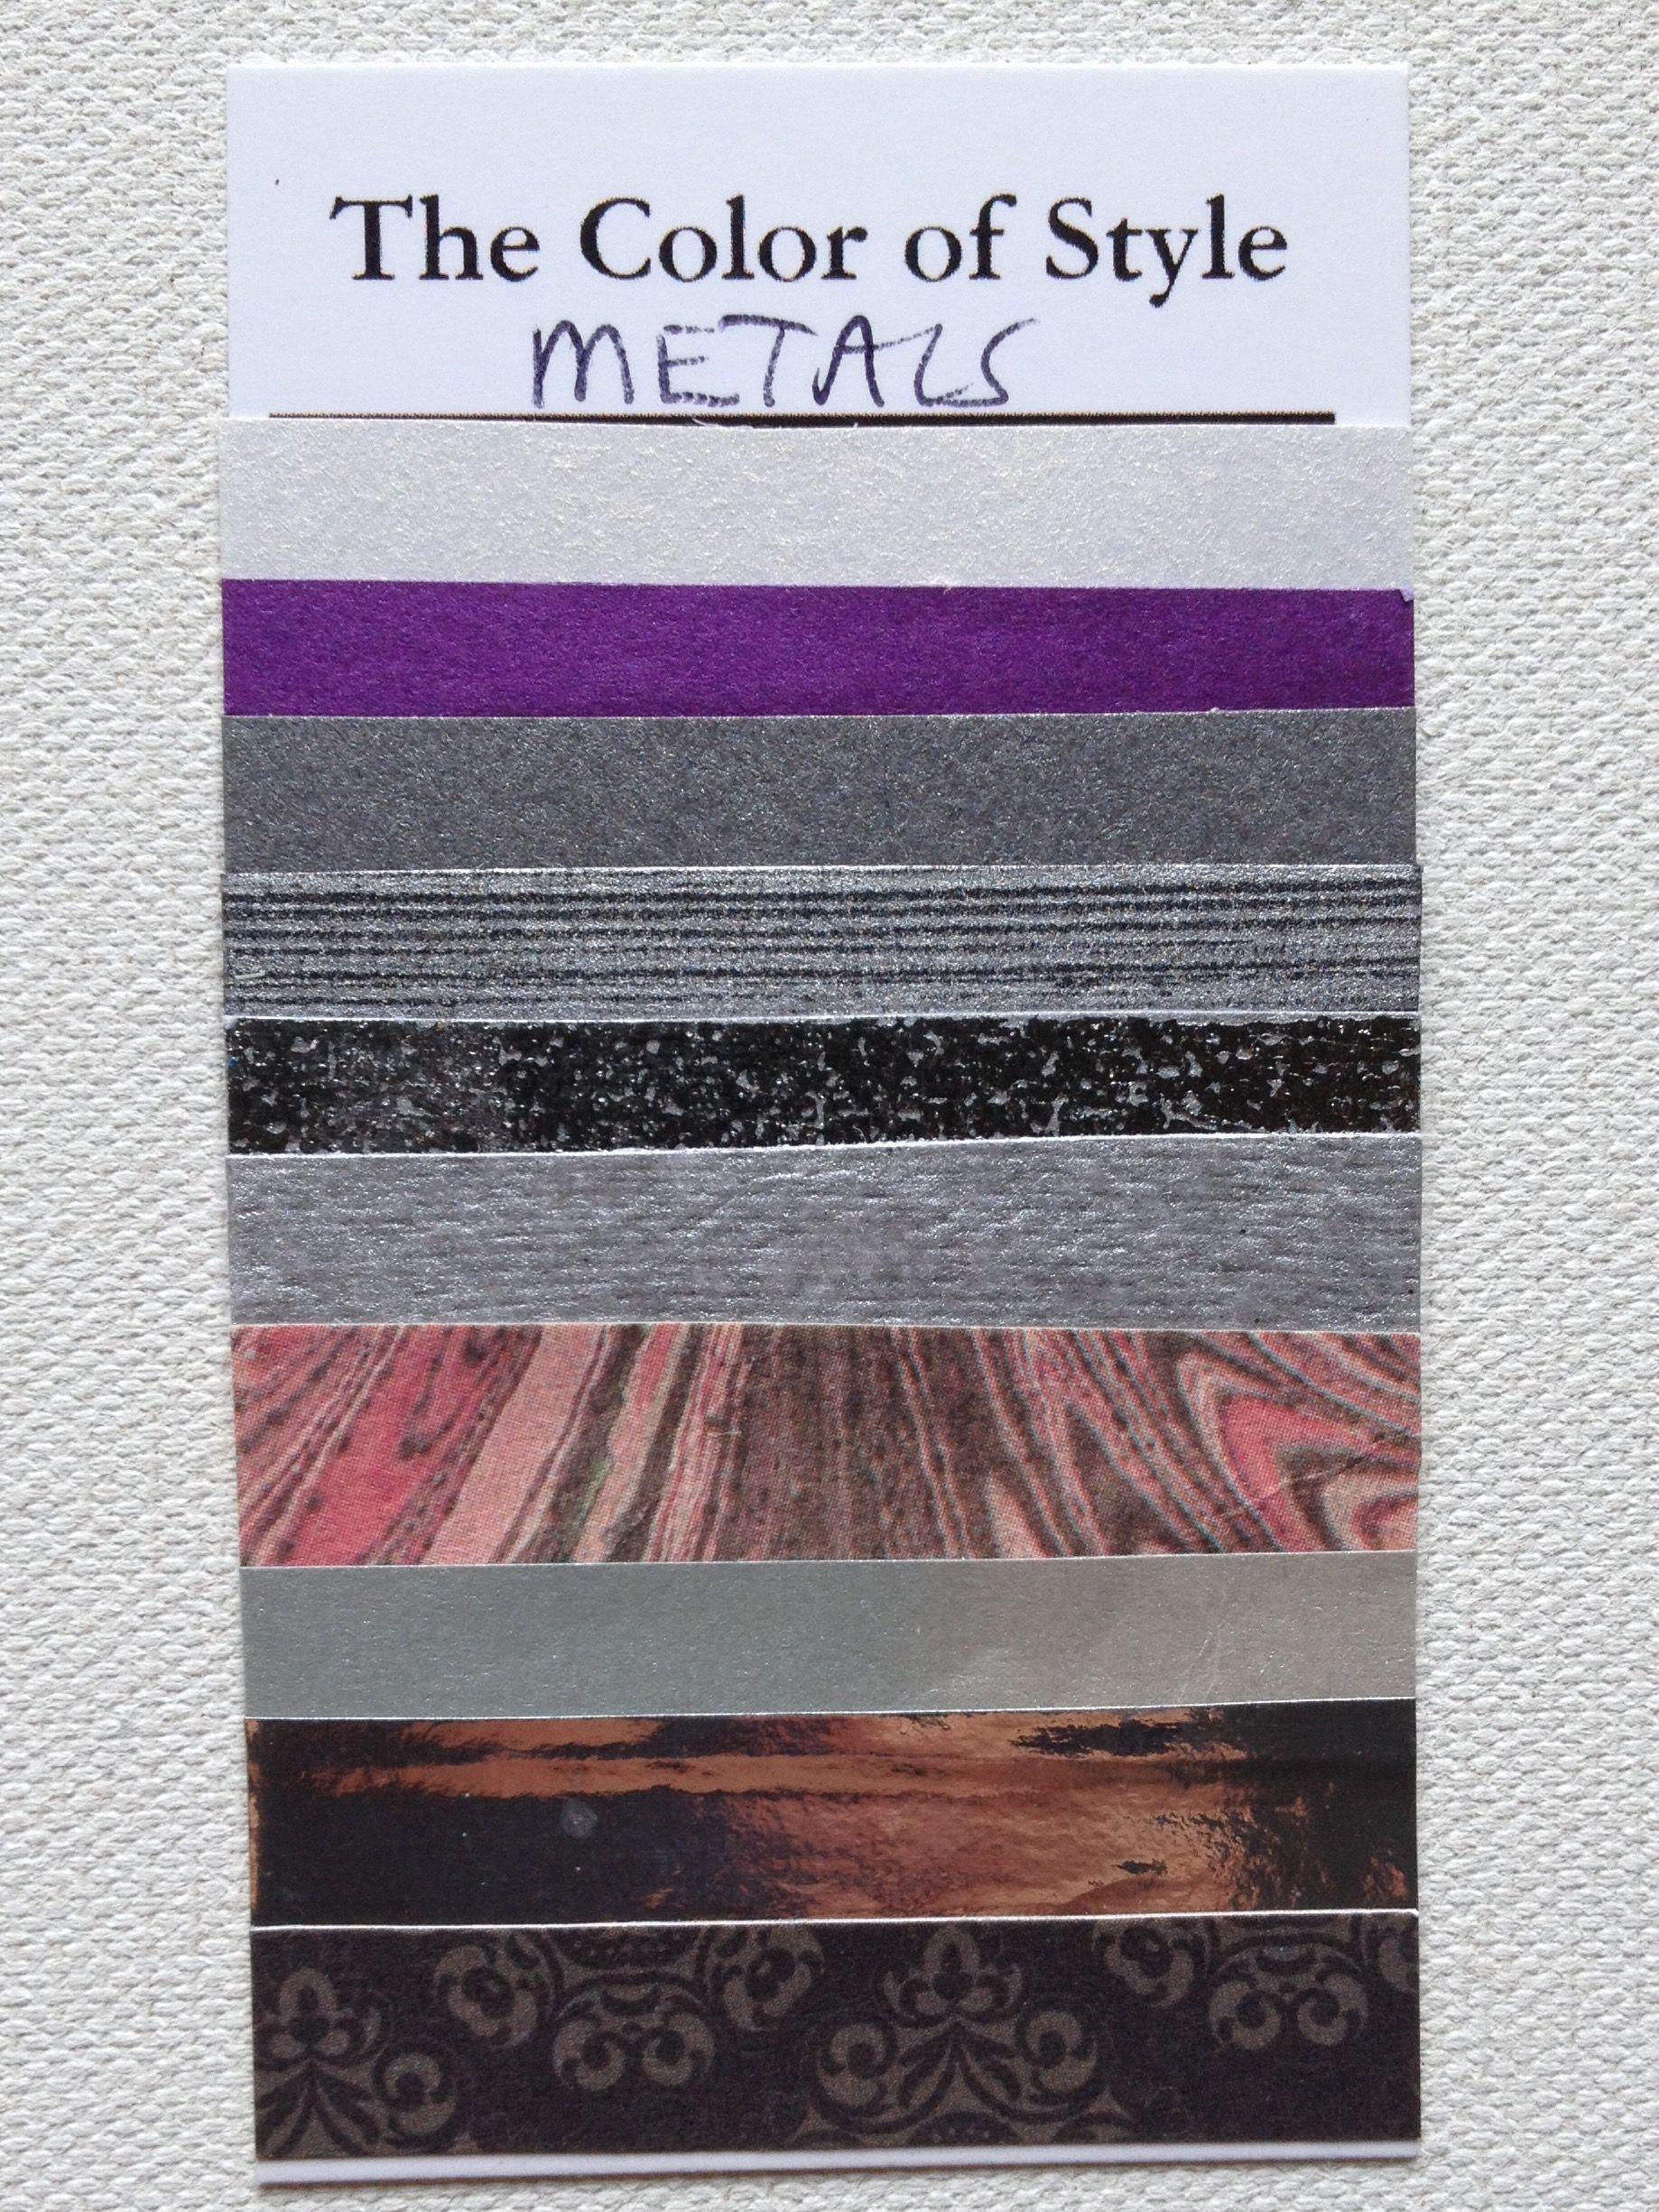 My Metals (Zyla)